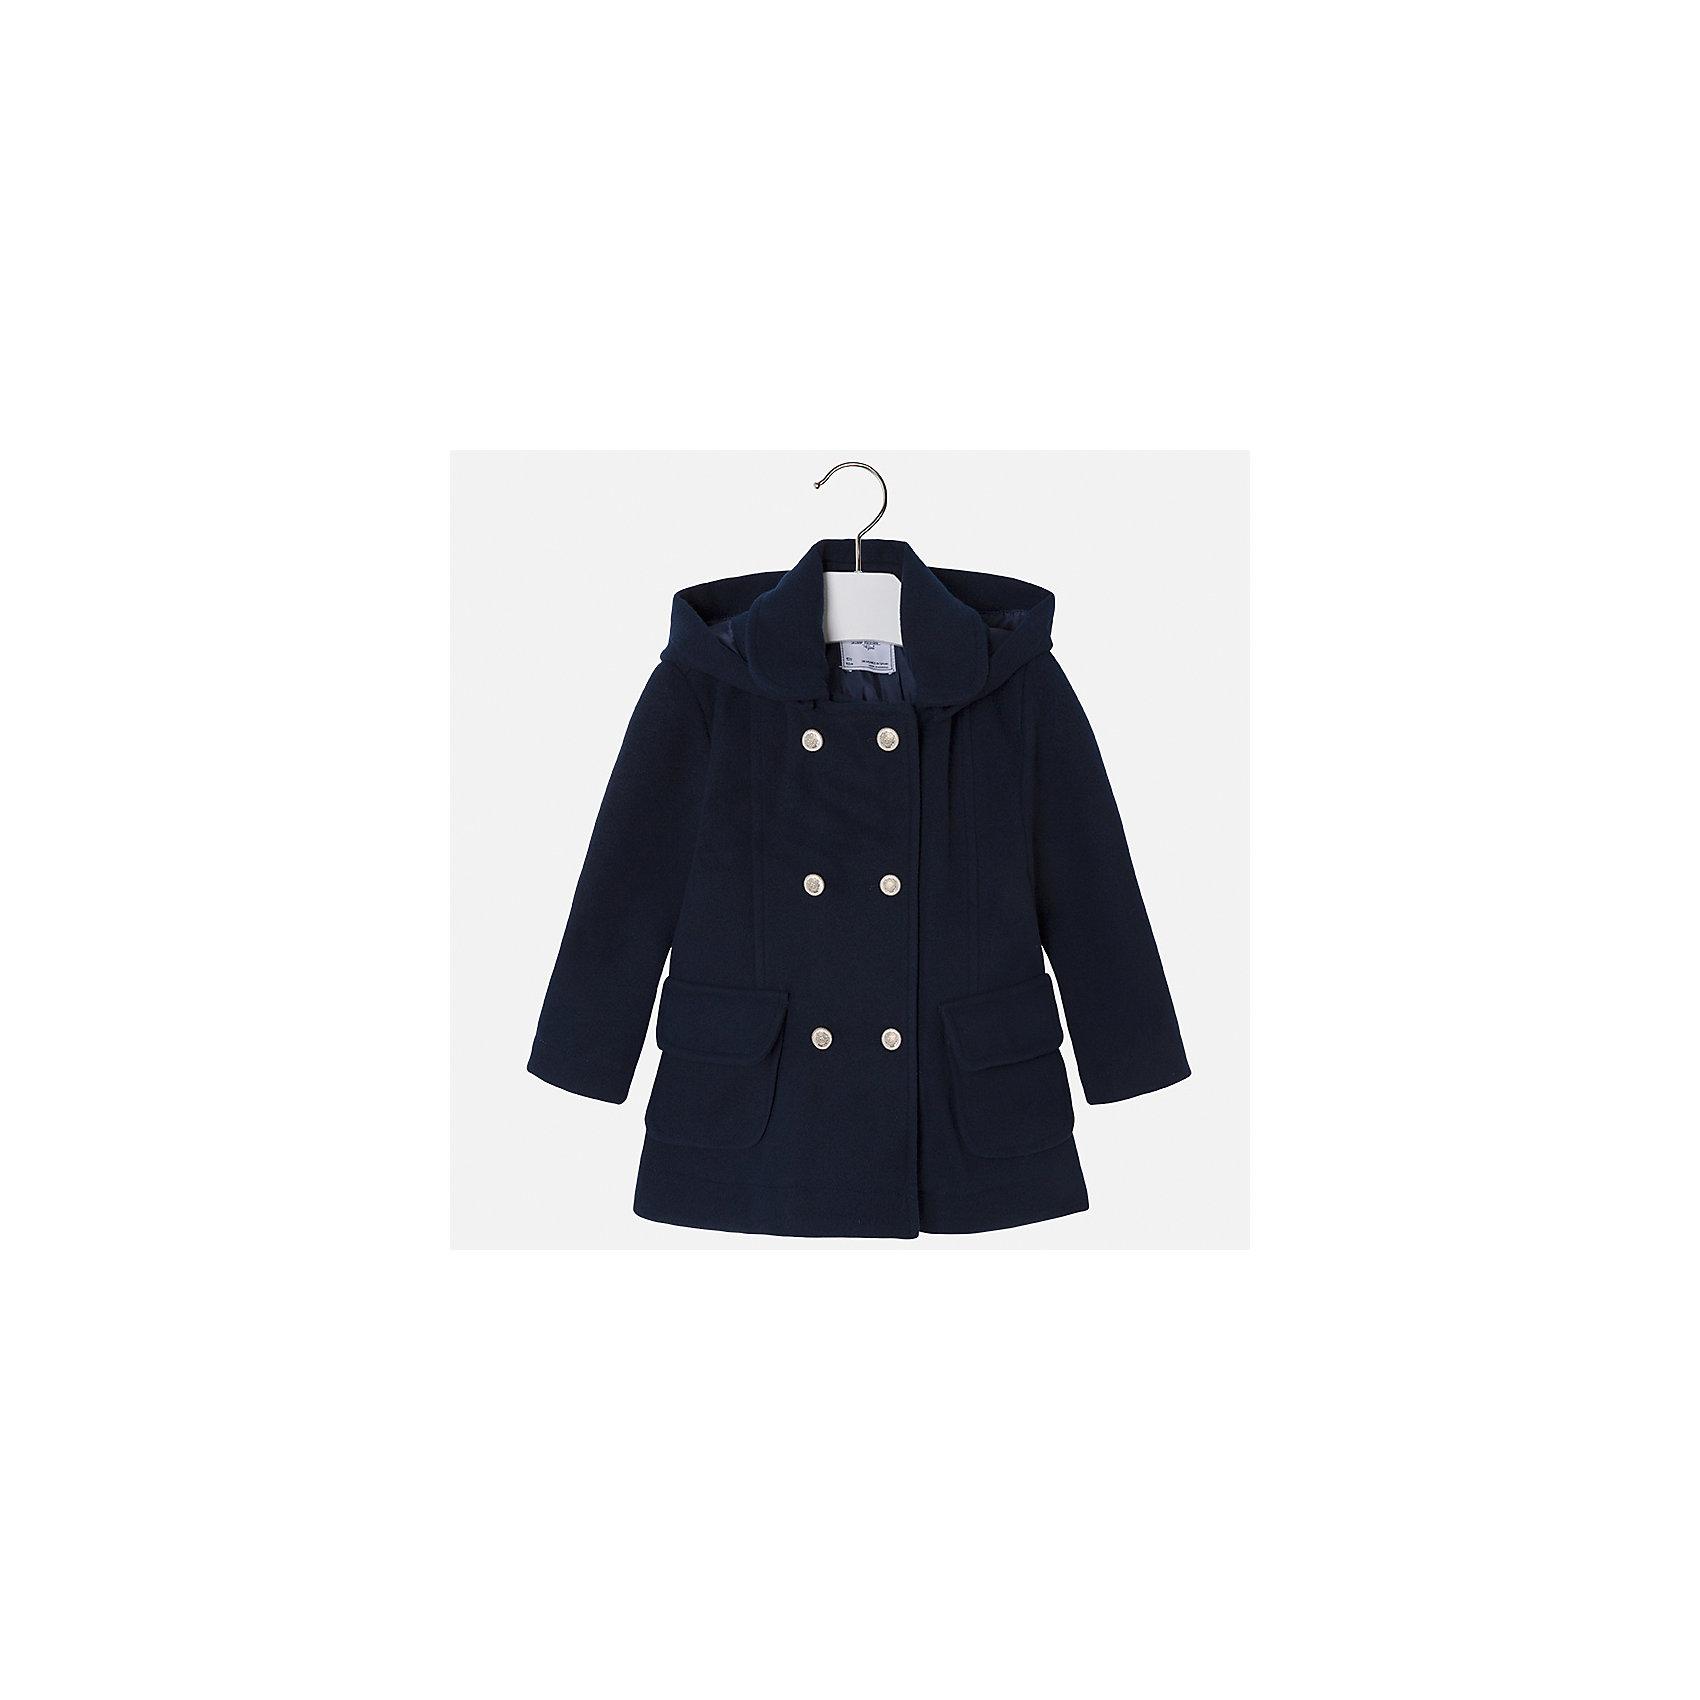 Пальто Mayoral для девочкиВерхняя одежда<br>Характеристики товара:<br><br>• цвет: синий<br>• состав ткани: 95% полиэстер, 3% акрил, 2% эластан, подклад - 100% полиэстер<br>• застежка: пуговицы<br>• длинные рукава<br>• сезон: демисезон<br>• температурный режим: от+5 до -5<br>• страна бренда: Испания<br>• страна изготовитель: Индия<br><br>Синее пальто для девочки сможет обеспечить тепло в период межсезонья. Модель сделана из качественного материала, есть подкладка и капюшон. Модное пальто от Майорал - это пример отличного вкуса и высокого качества. <br><br>В одежде от испанской компании Майорал ребенок будет выглядеть модно, а чувствовать себя - комфортно. Целая команда европейских талантливых дизайнеров работает над созданием стильных и оригинальных моделей одежды.<br><br>Пальто для девочки Mayoral (Майорал) можно купить в нашем интернет-магазине.<br><br>Ширина мм: 356<br>Глубина мм: 10<br>Высота мм: 245<br>Вес г: 519<br>Цвет: синий<br>Возраст от месяцев: 18<br>Возраст до месяцев: 24<br>Пол: Женский<br>Возраст: Детский<br>Размер: 92,98,104,110,116,122,128,134<br>SKU: 6924320